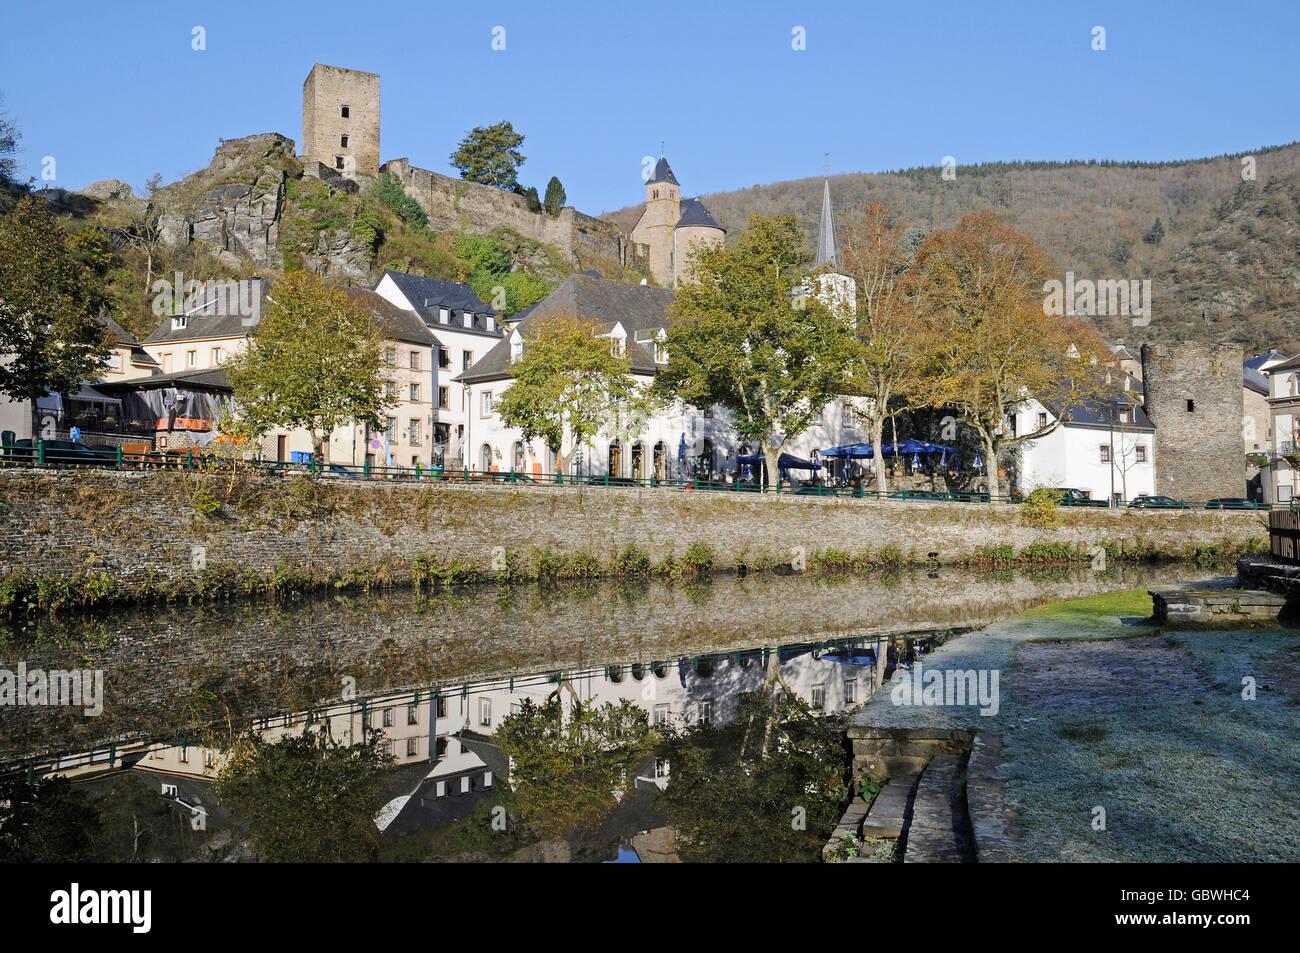 La rivière Sauer, Esch sur sûre, parc naturel Obersauer, Luxembourg Photo Stock